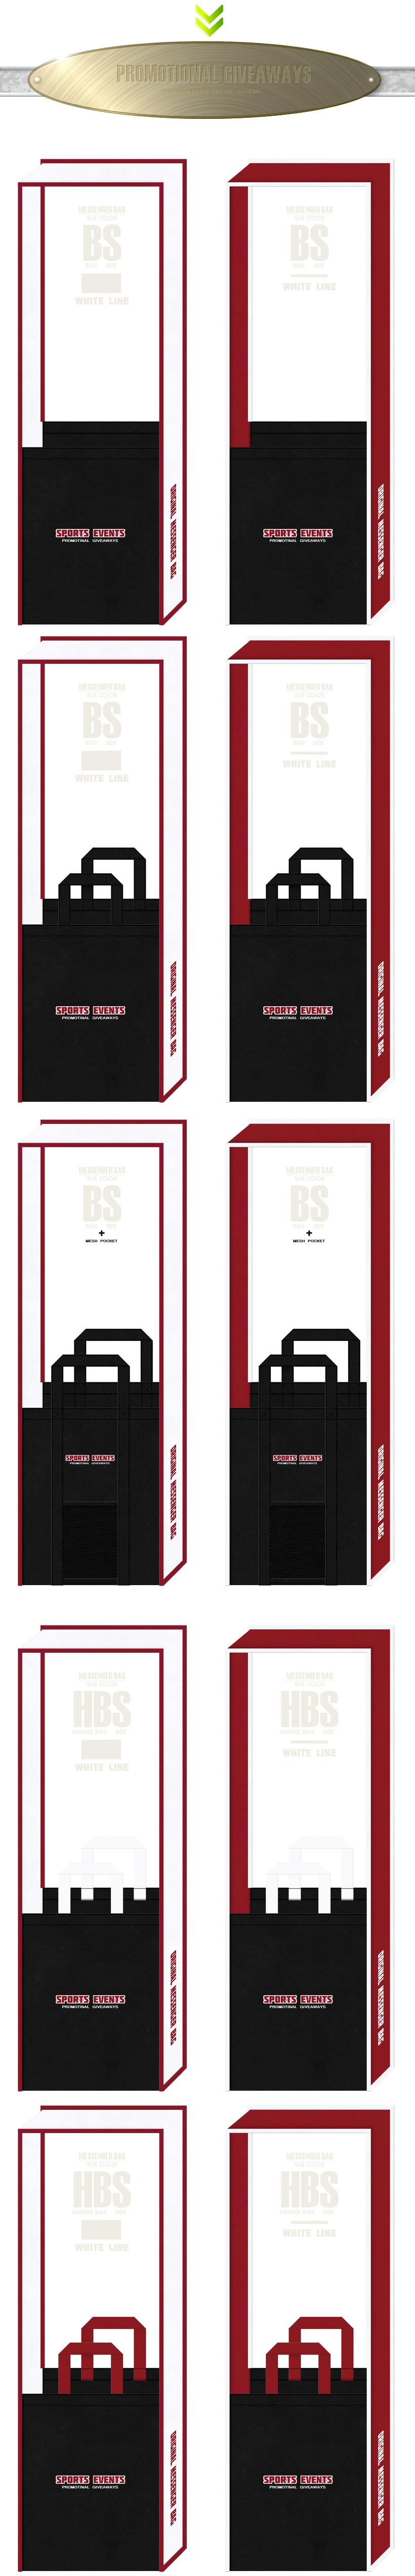 黒色・エンジ色・白色の3色仕様の不織布メッセンジャーバッグのカラーシミュレーション:スポーツイベントのノベルティ